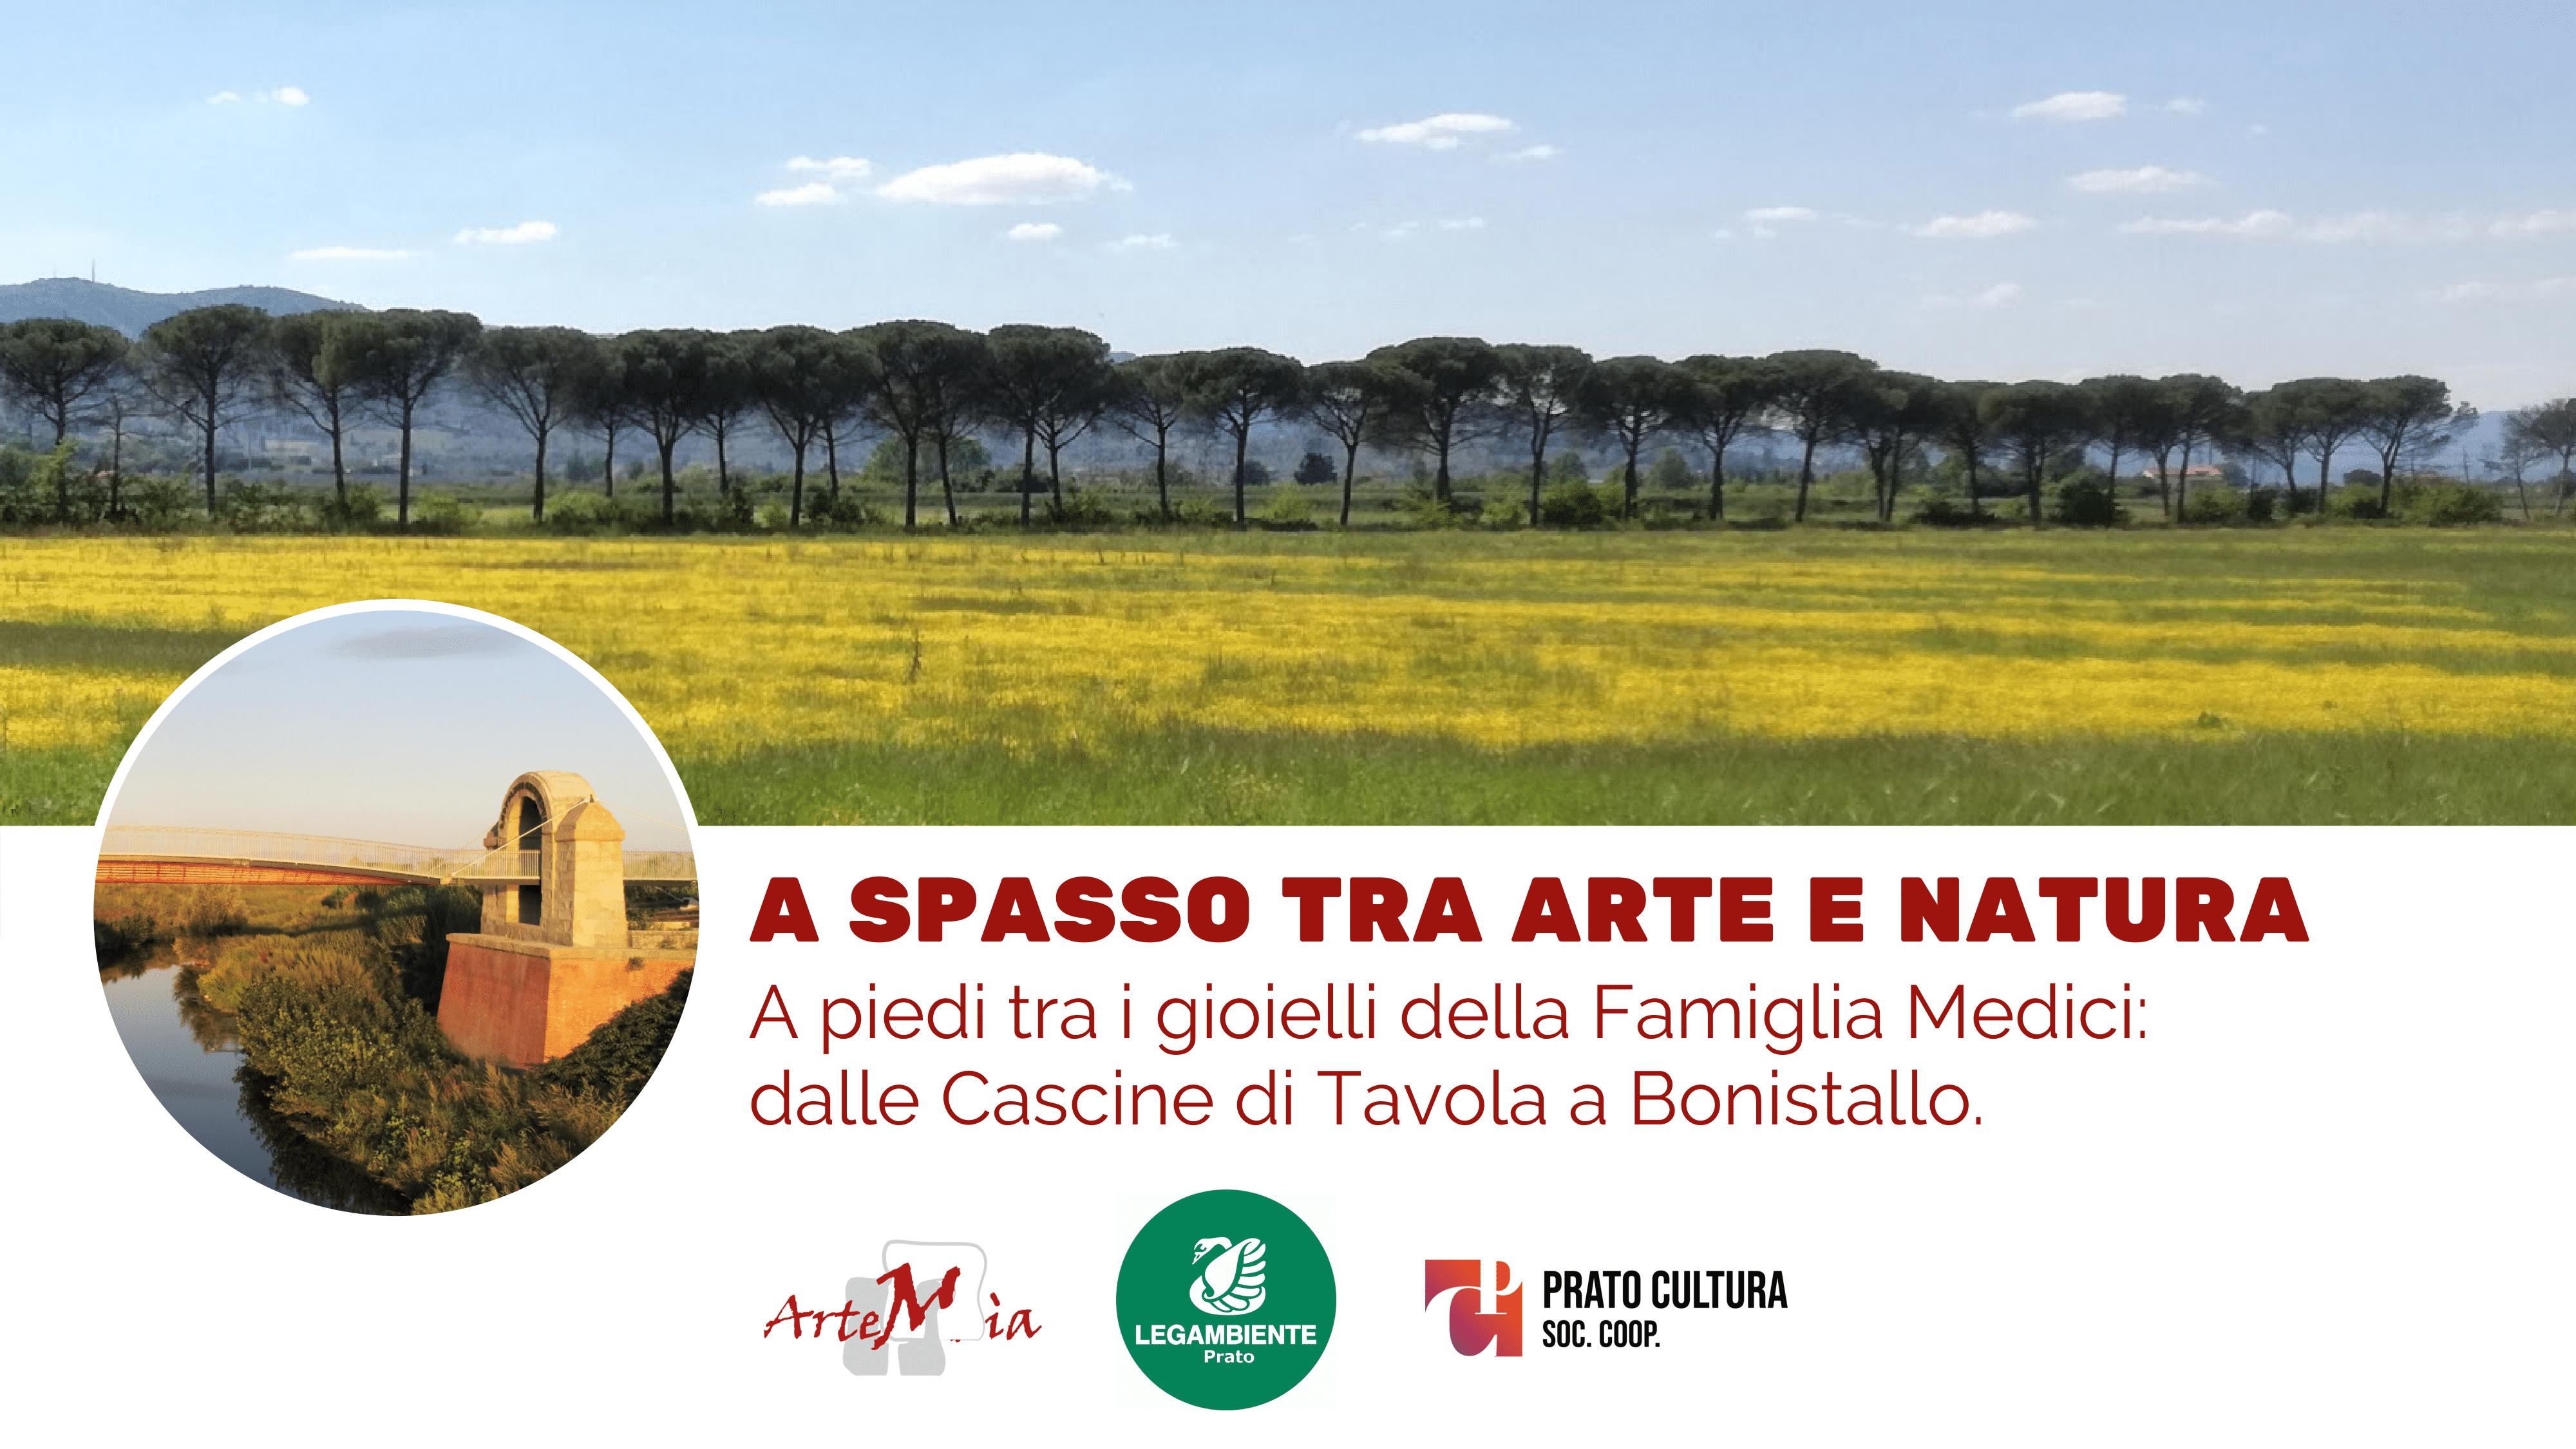 Visita: A SPASSO TRA ARTE E NATURA - A piedi tra i gioielli della Famiglia Medici: dalle Cascine di Tavola a Bonistallo.